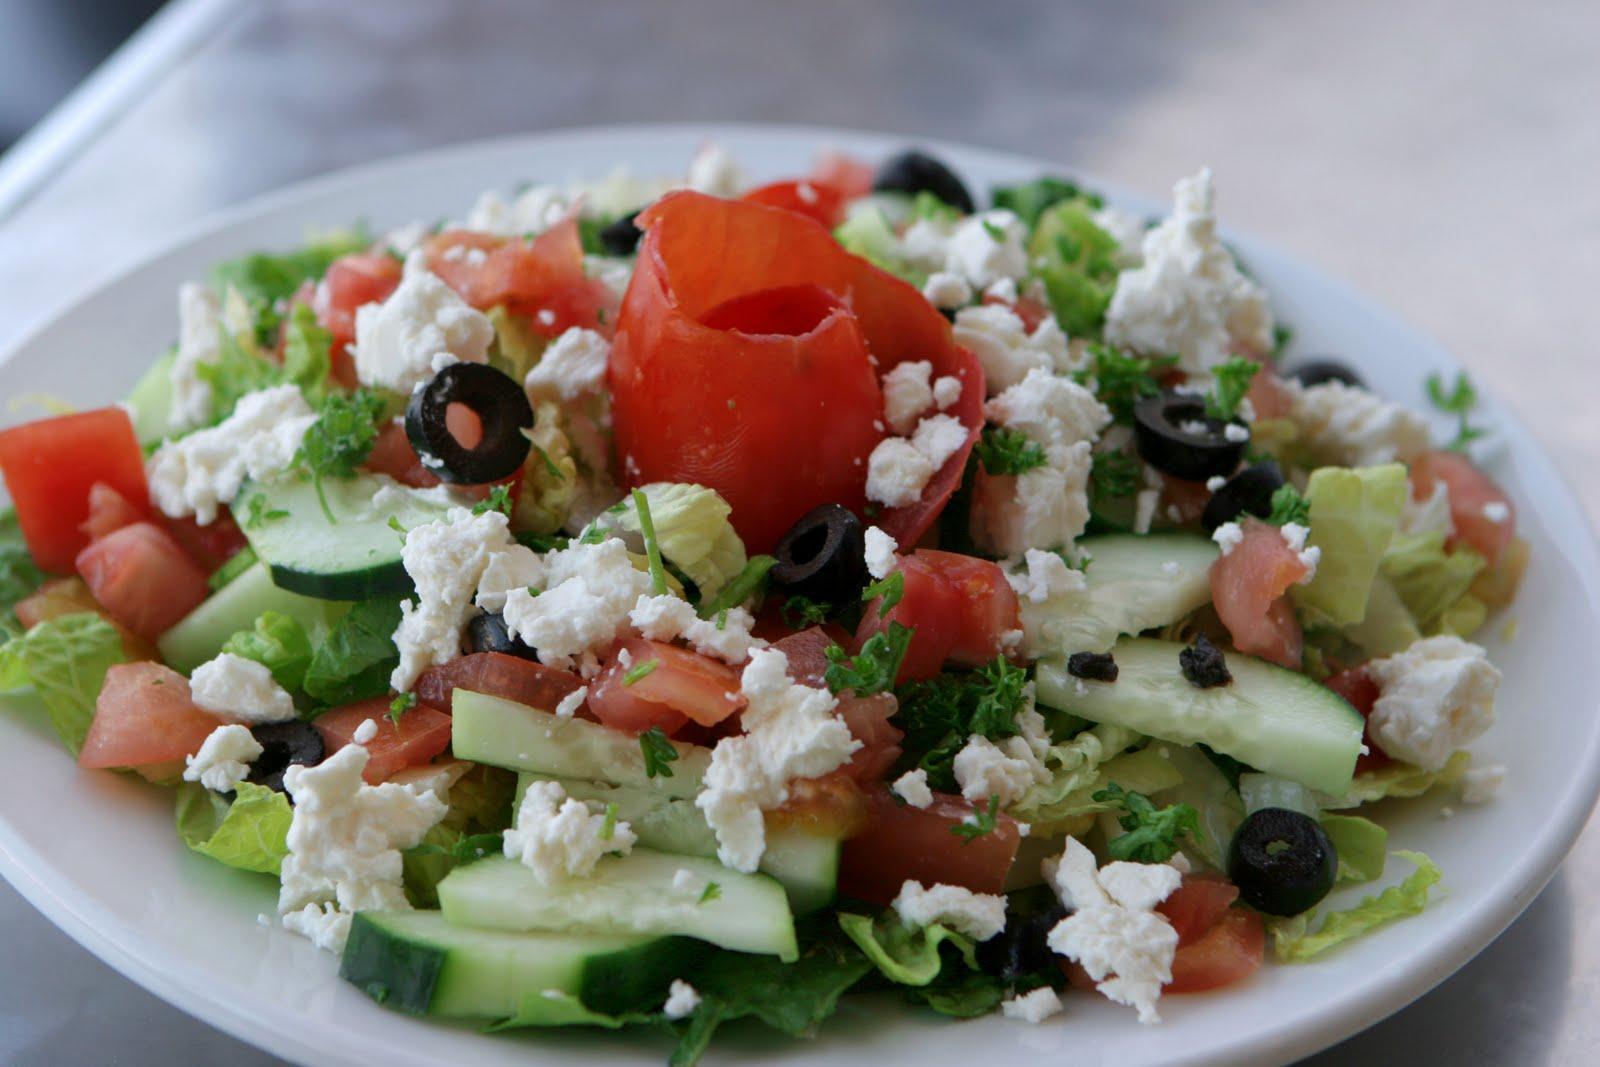 http://4.bp.blogspot.com/-iQYo8TxgxAg/TX5m5ps5SlI/AAAAAAAACk8/qv0hL-vtUX4/s1600/greek_salad_2_m0ll_qq01.jpg